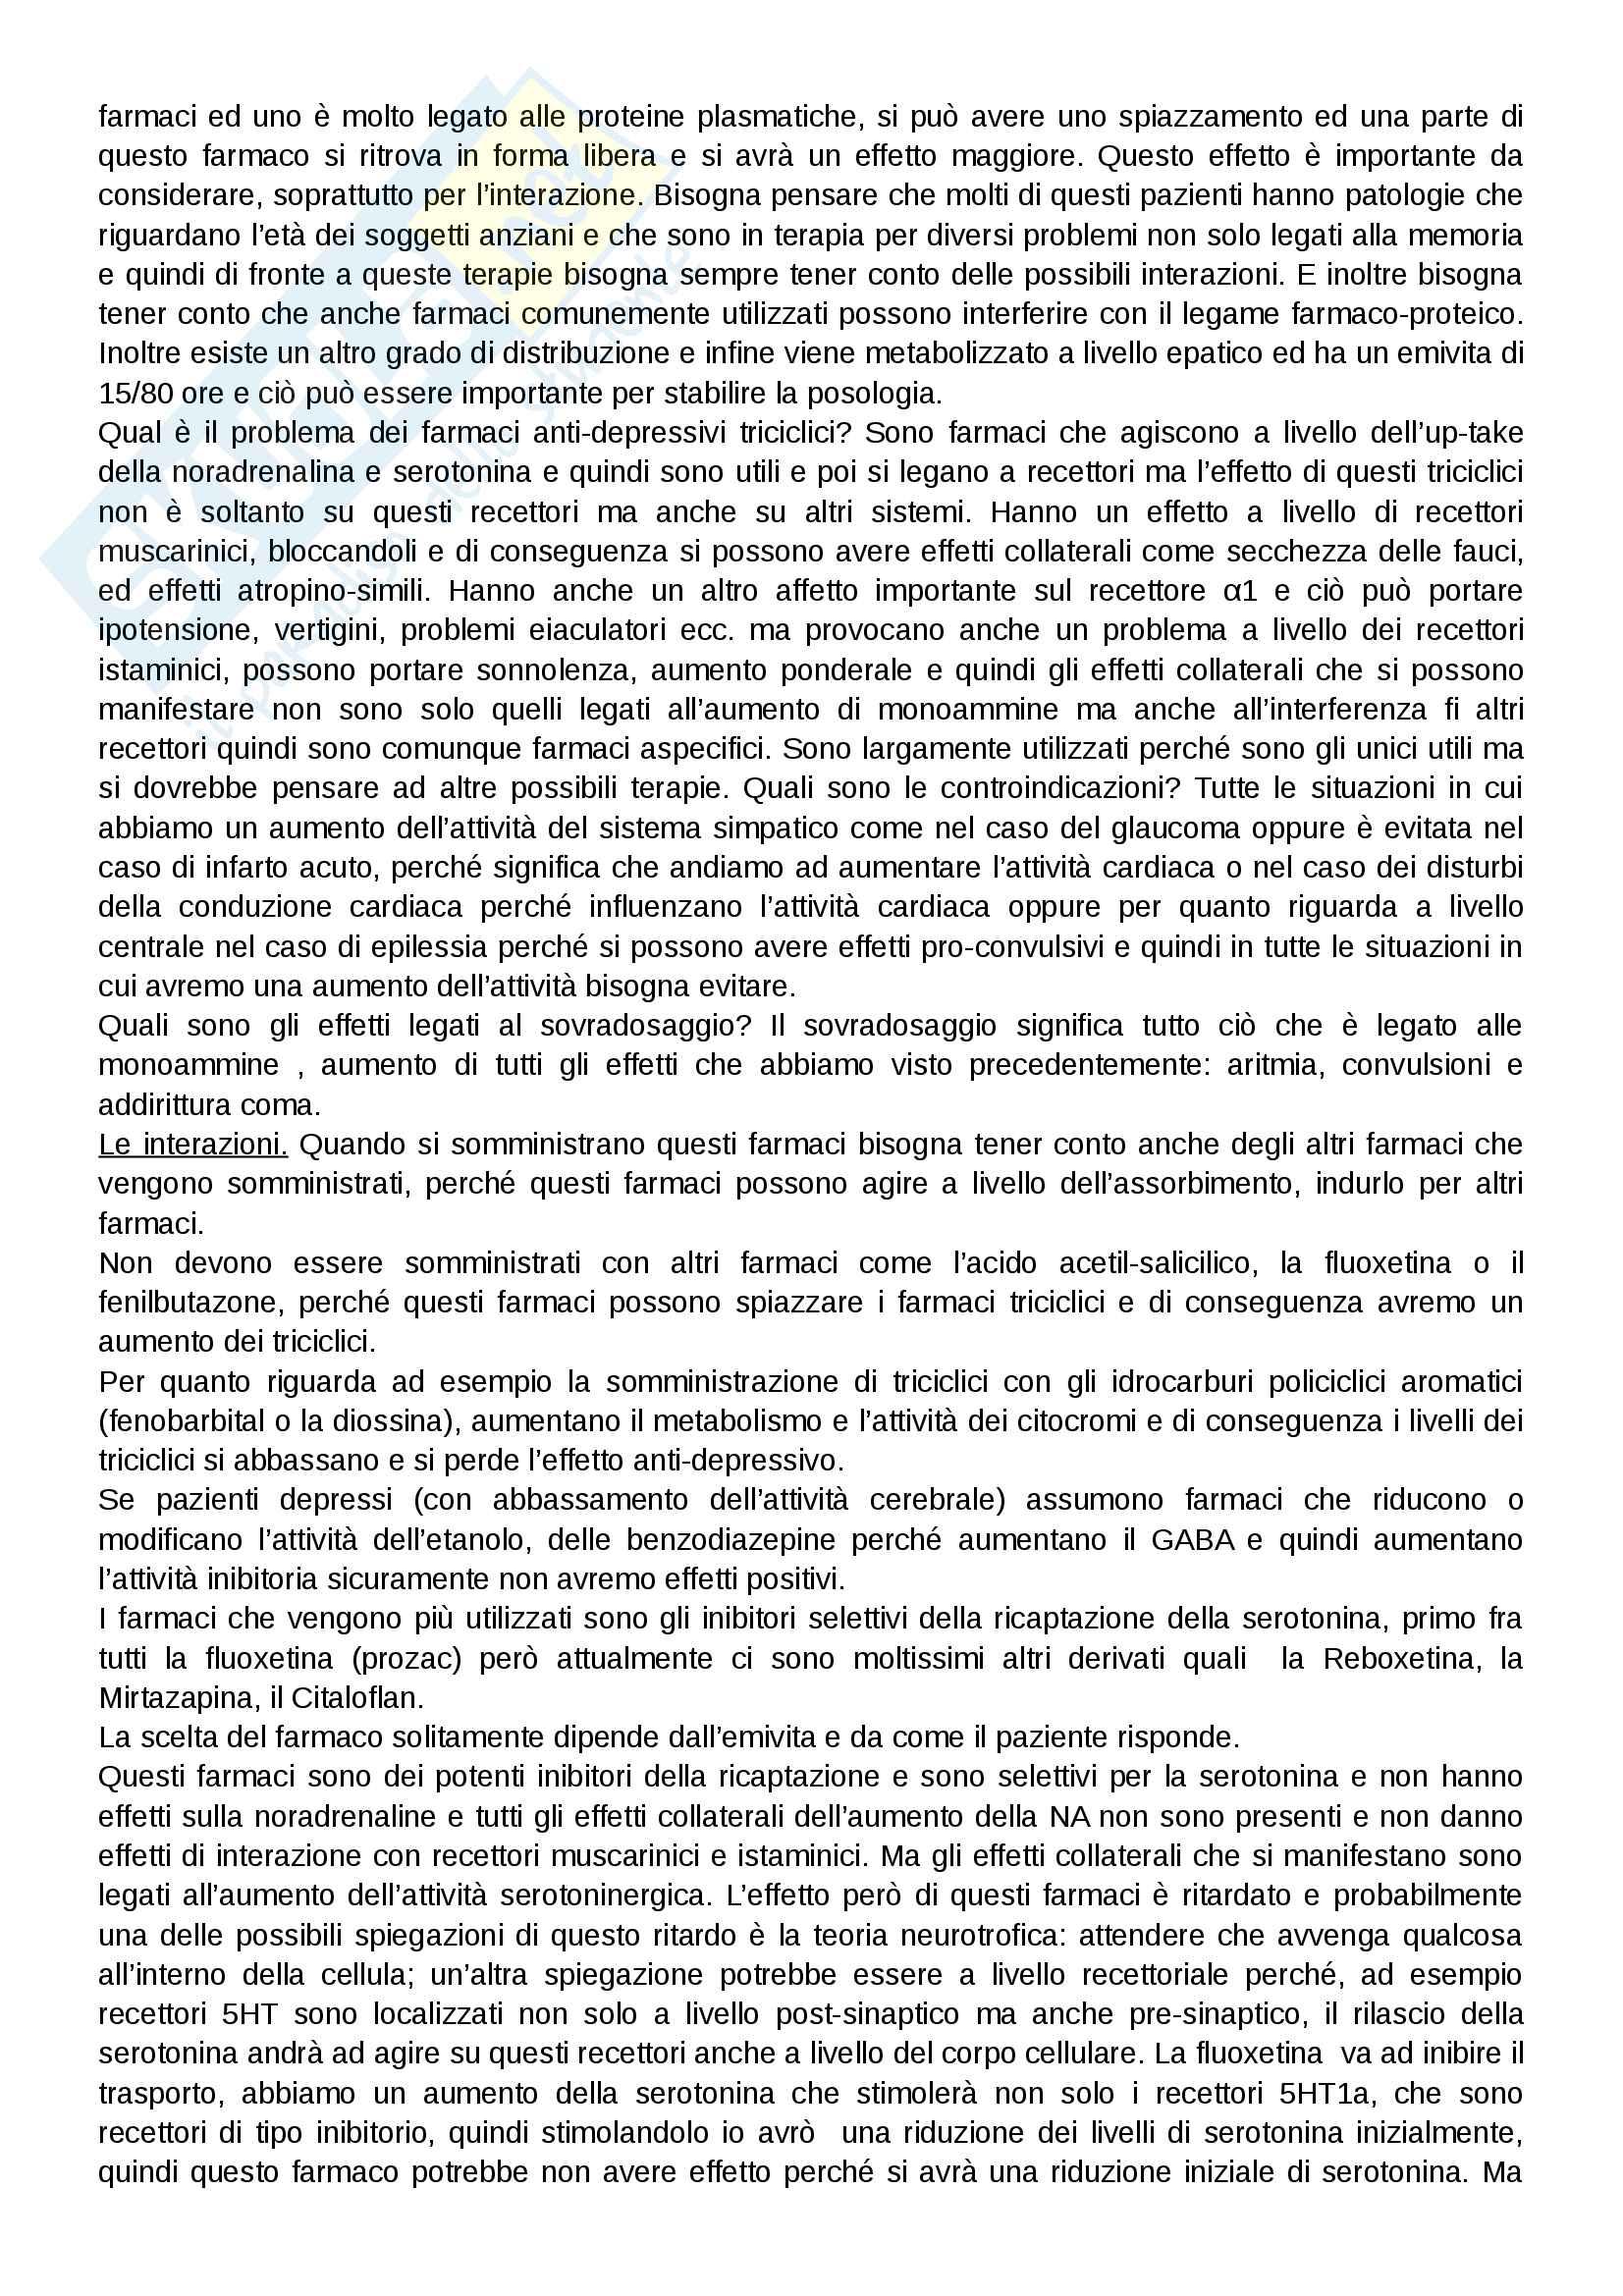 Farmacologia Lezione 4 Pag. 6